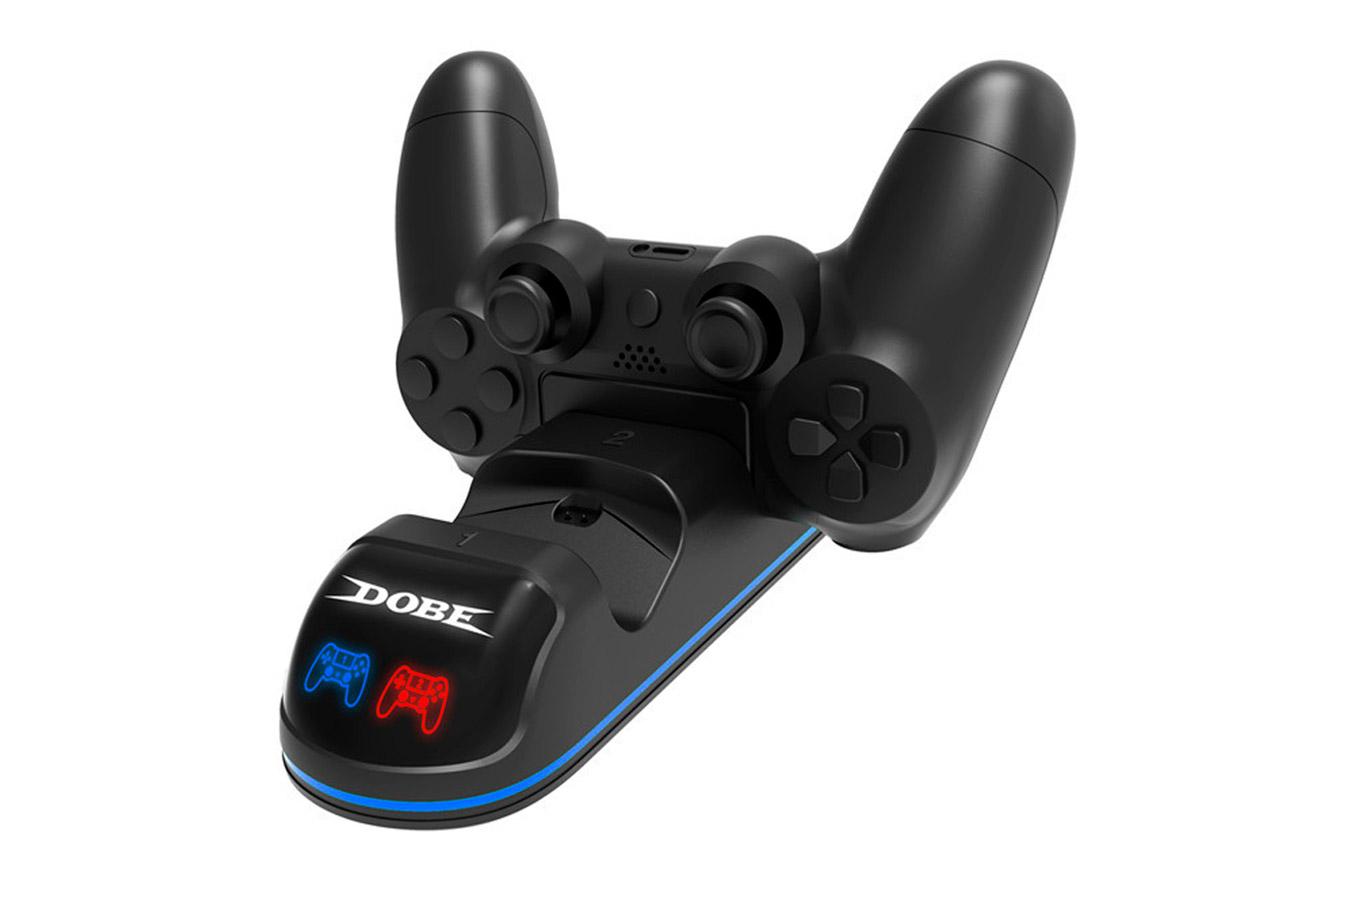 Беспроводная зарядка DualShock 4 изображение 2